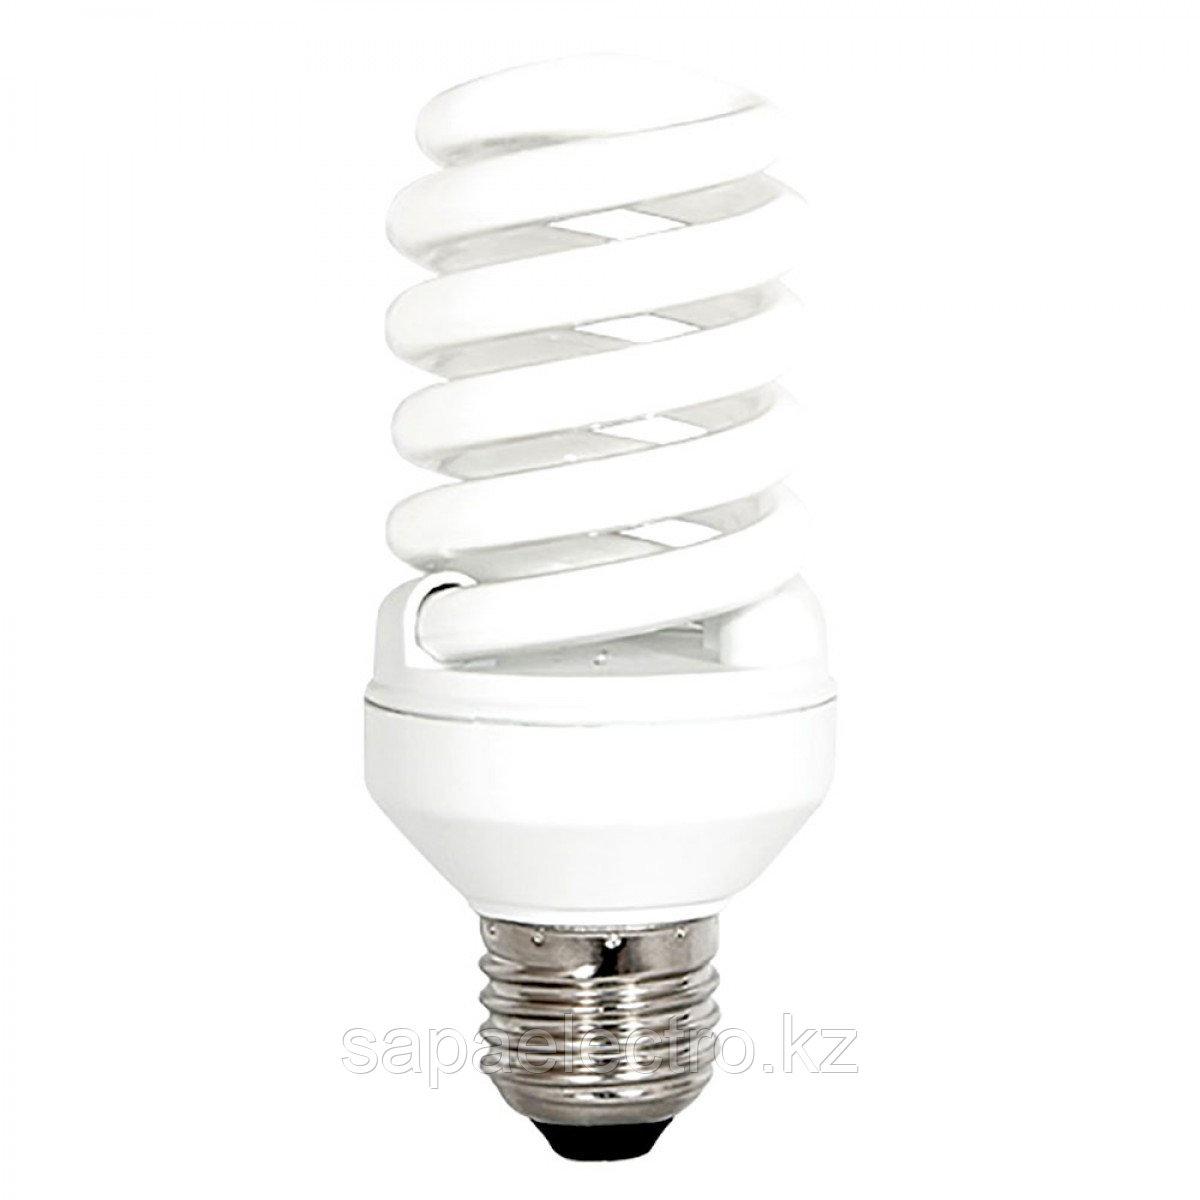 Лампа SPIRAL TINY  20W   E27   860   (TL) 50шт